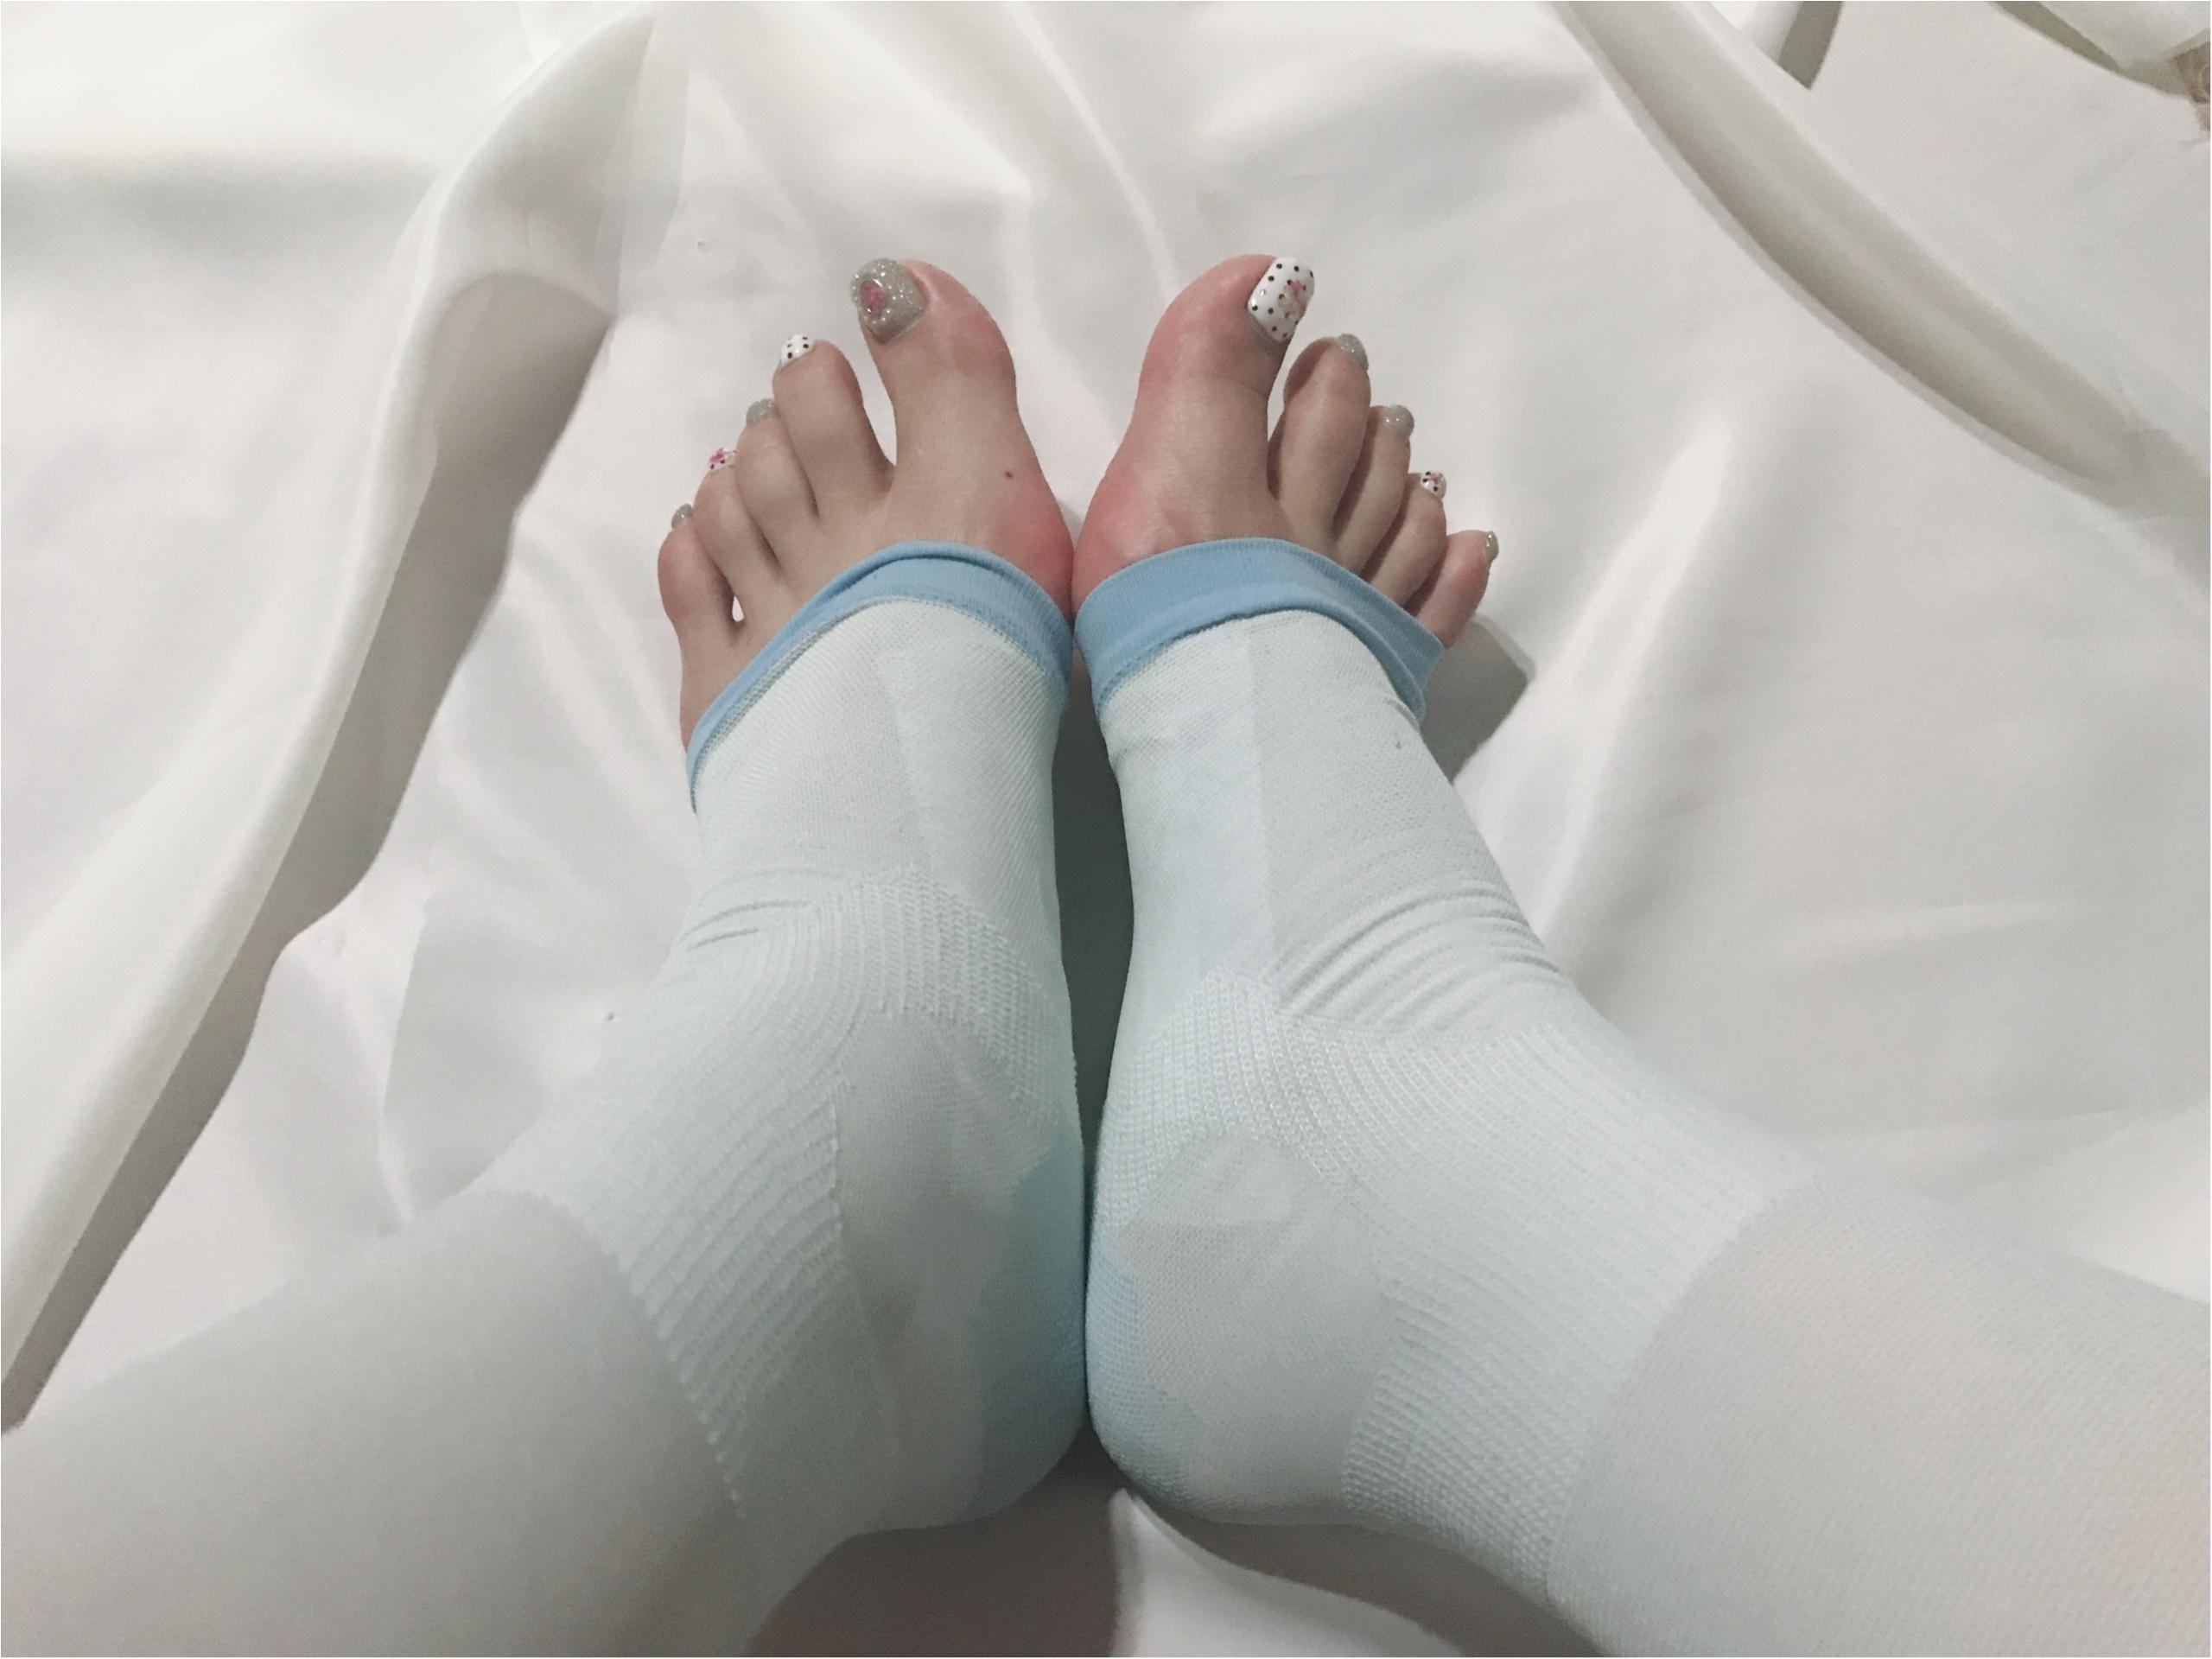 顔や脚のむくみを解消するには? - むくみをケアするマッサージやむくみ対策グッズ、コスメまとめ_138